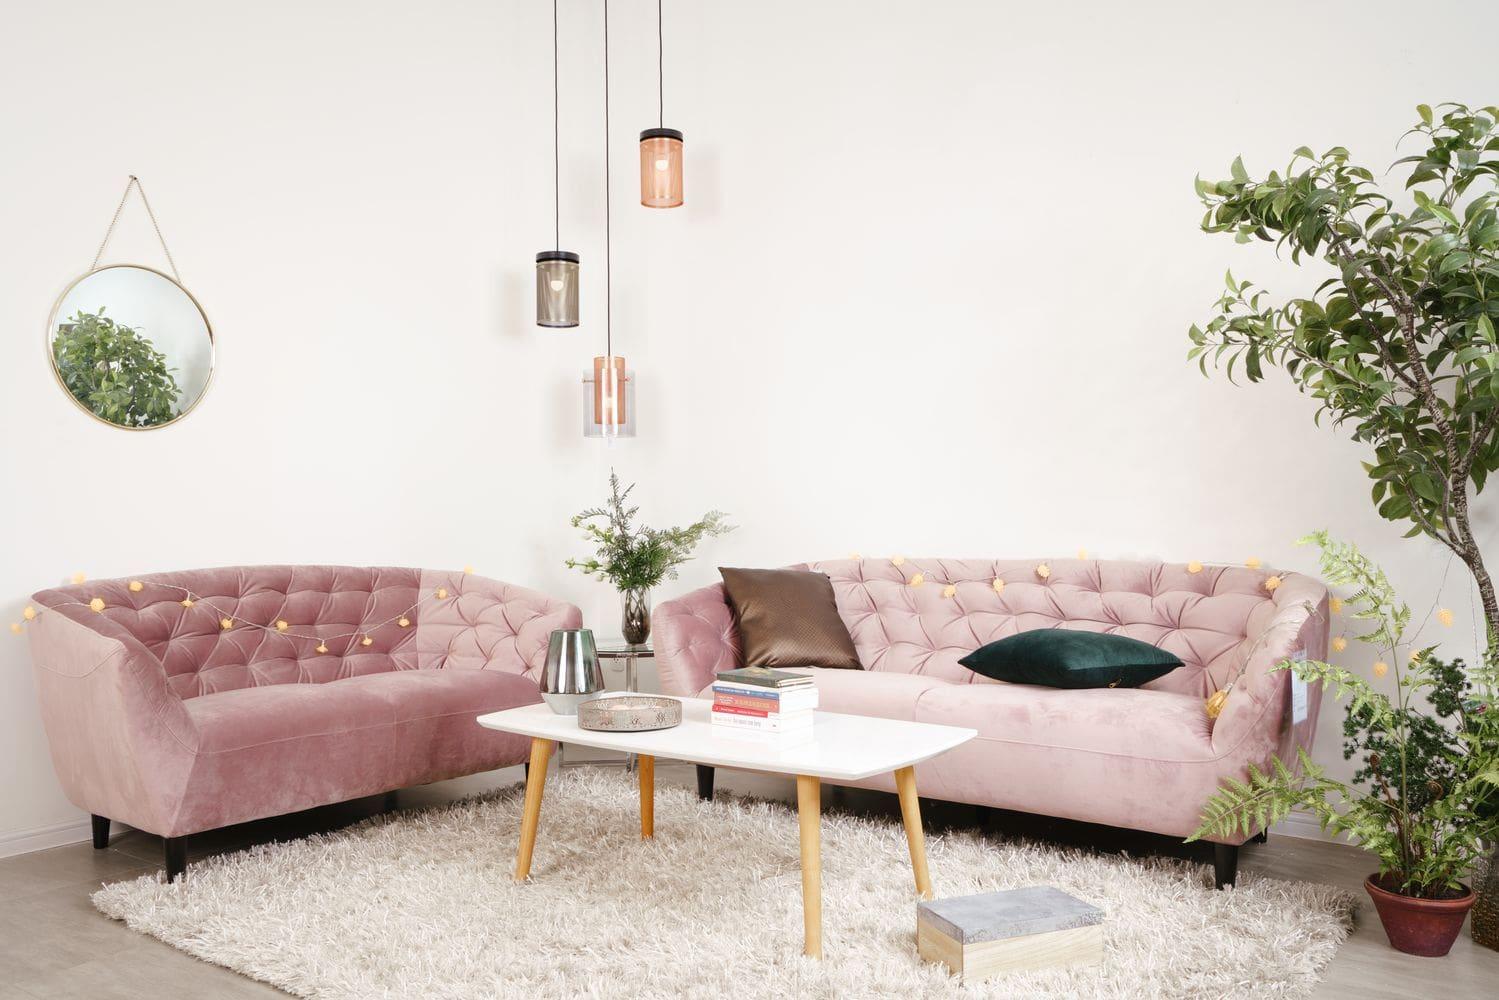 sofa 3 cho23 min - Top 10 Ghế Sofa 3 Chỗ Đáng Mua Nhất Hiện Nay Phù Hợp Với Mọi Gia Đình